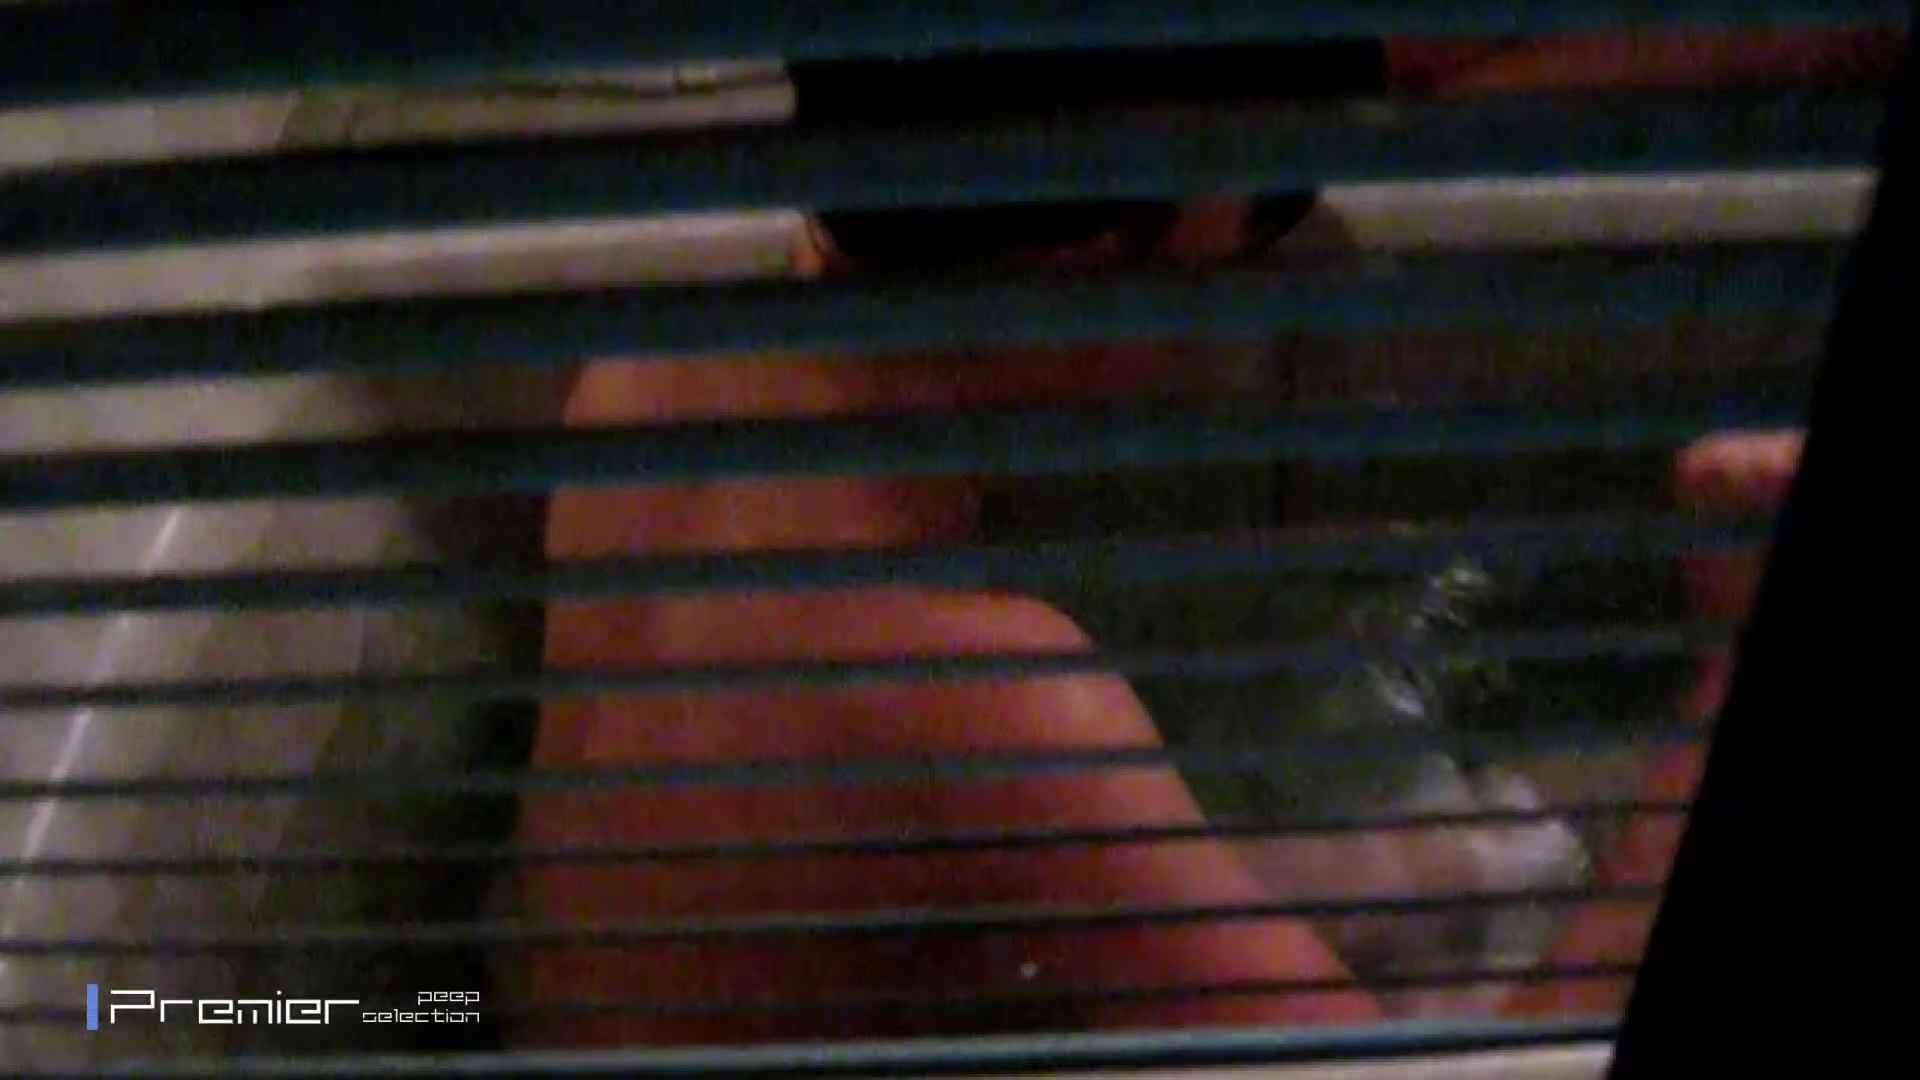 水面から透ける剛毛マン毛 乙女の風呂場 Vol.12 美乳 性交動画流出 91画像 54